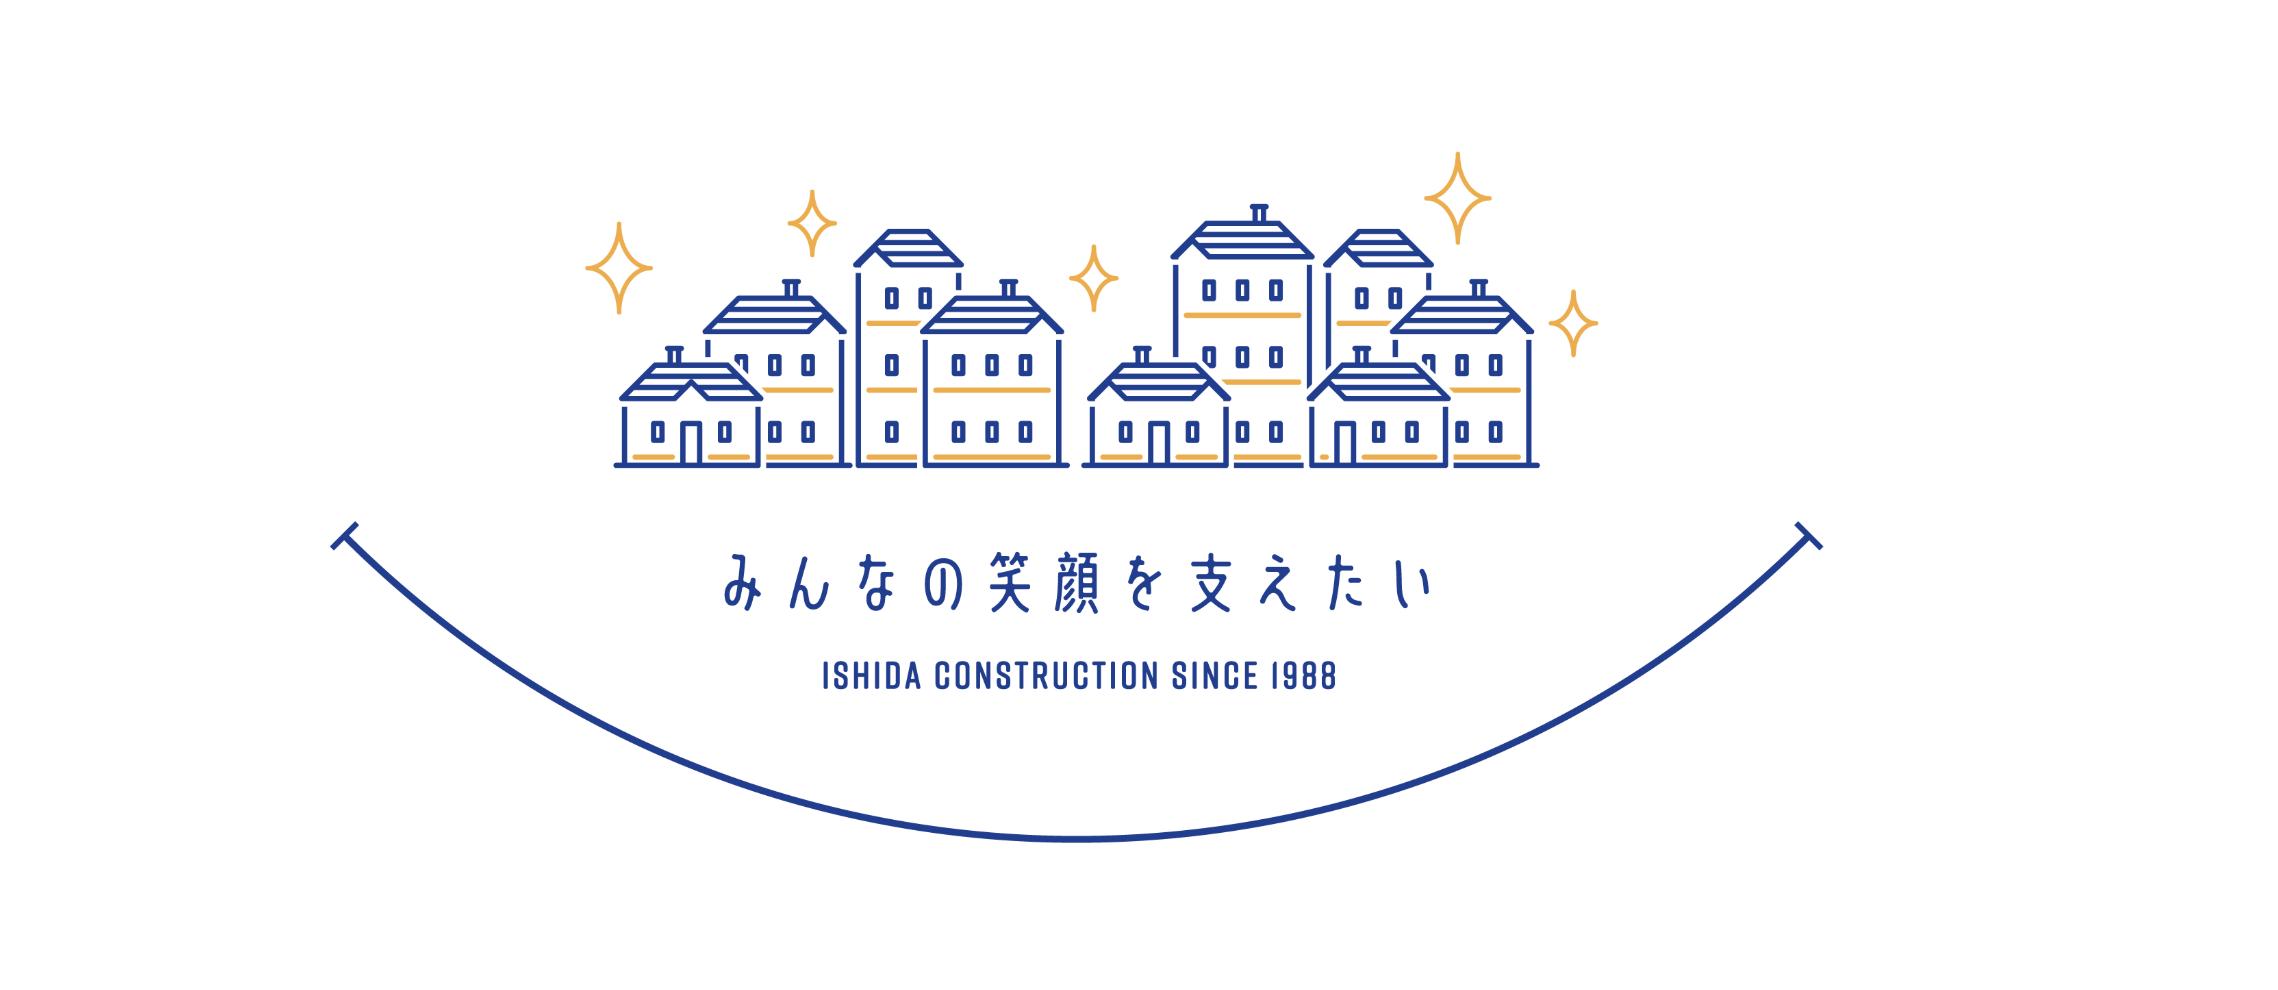 株式会社イシダ工務店の企業情報